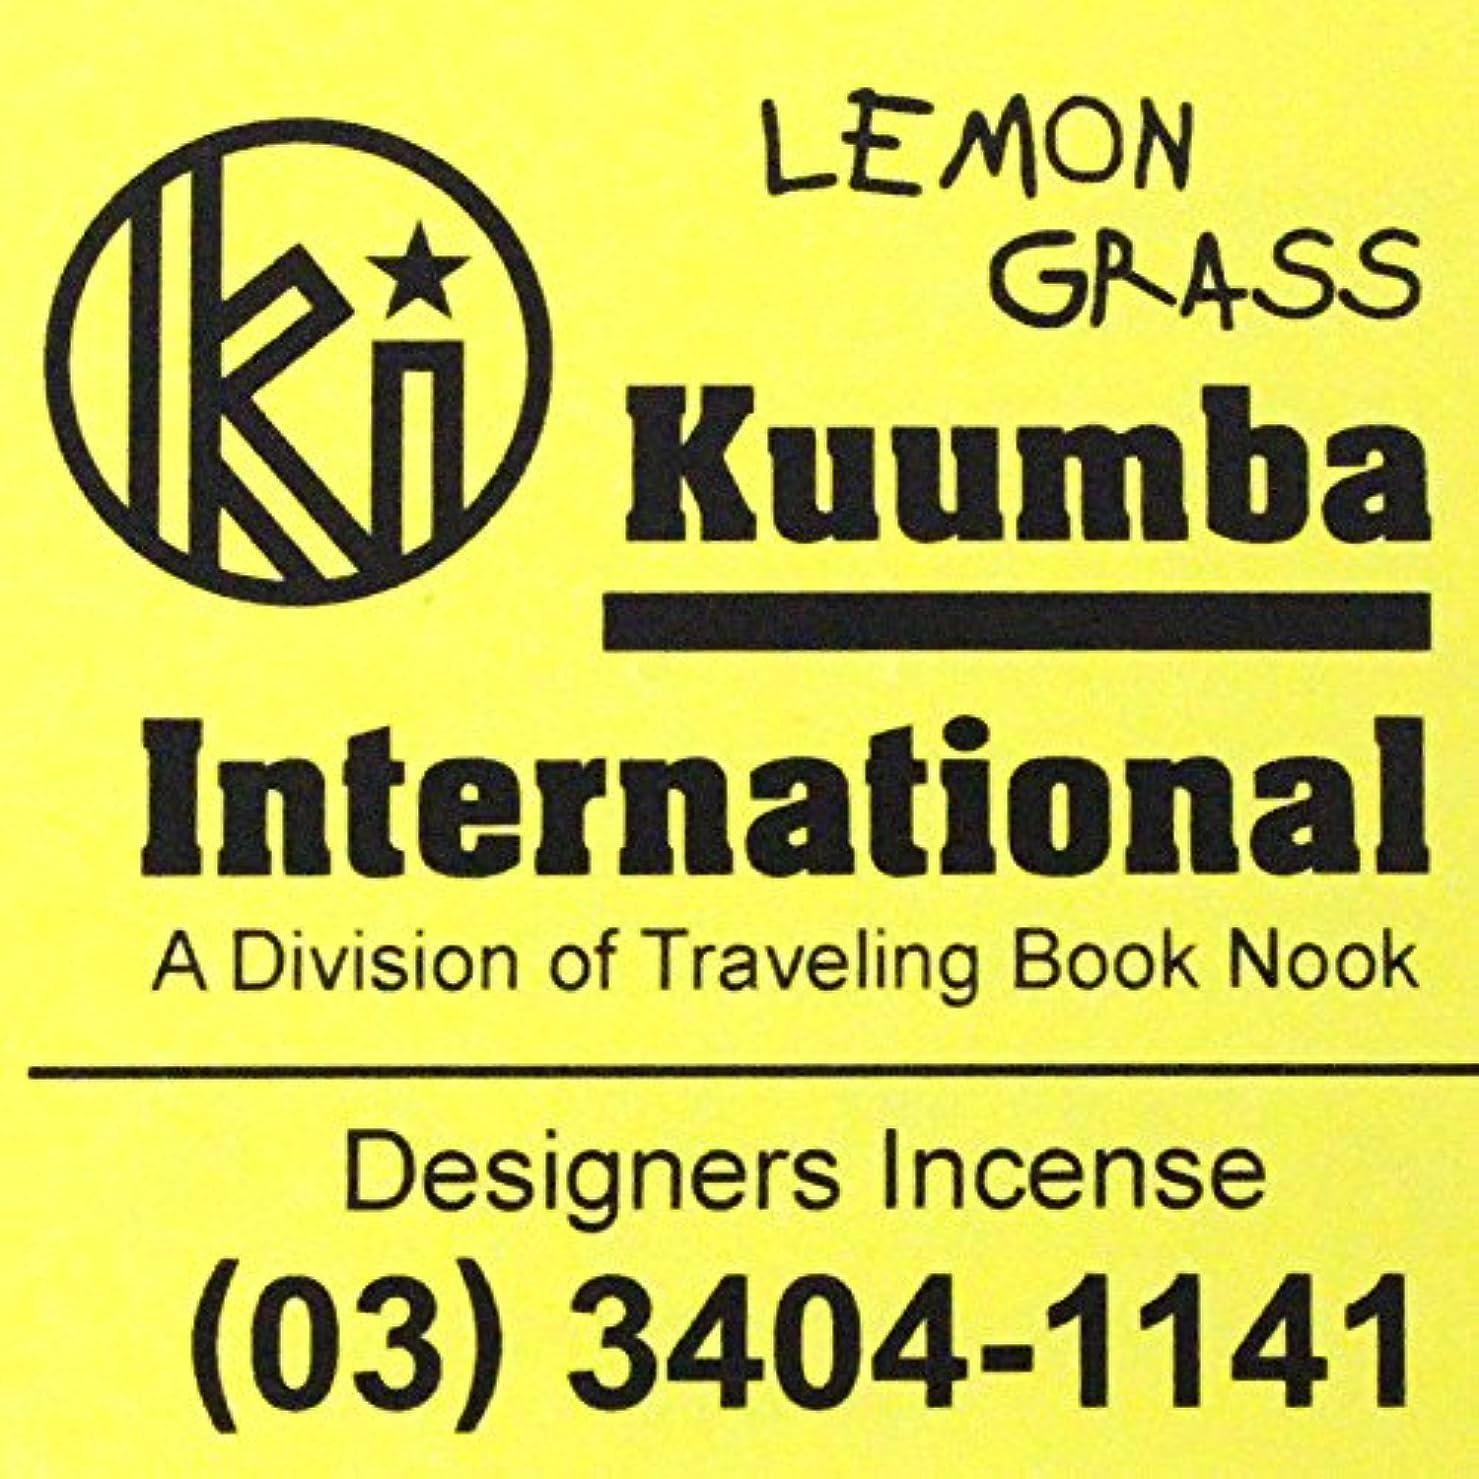 胚芽建設戻る(クンバ) KUUMBA『incense』(LEMON GRASS) (Regular size)